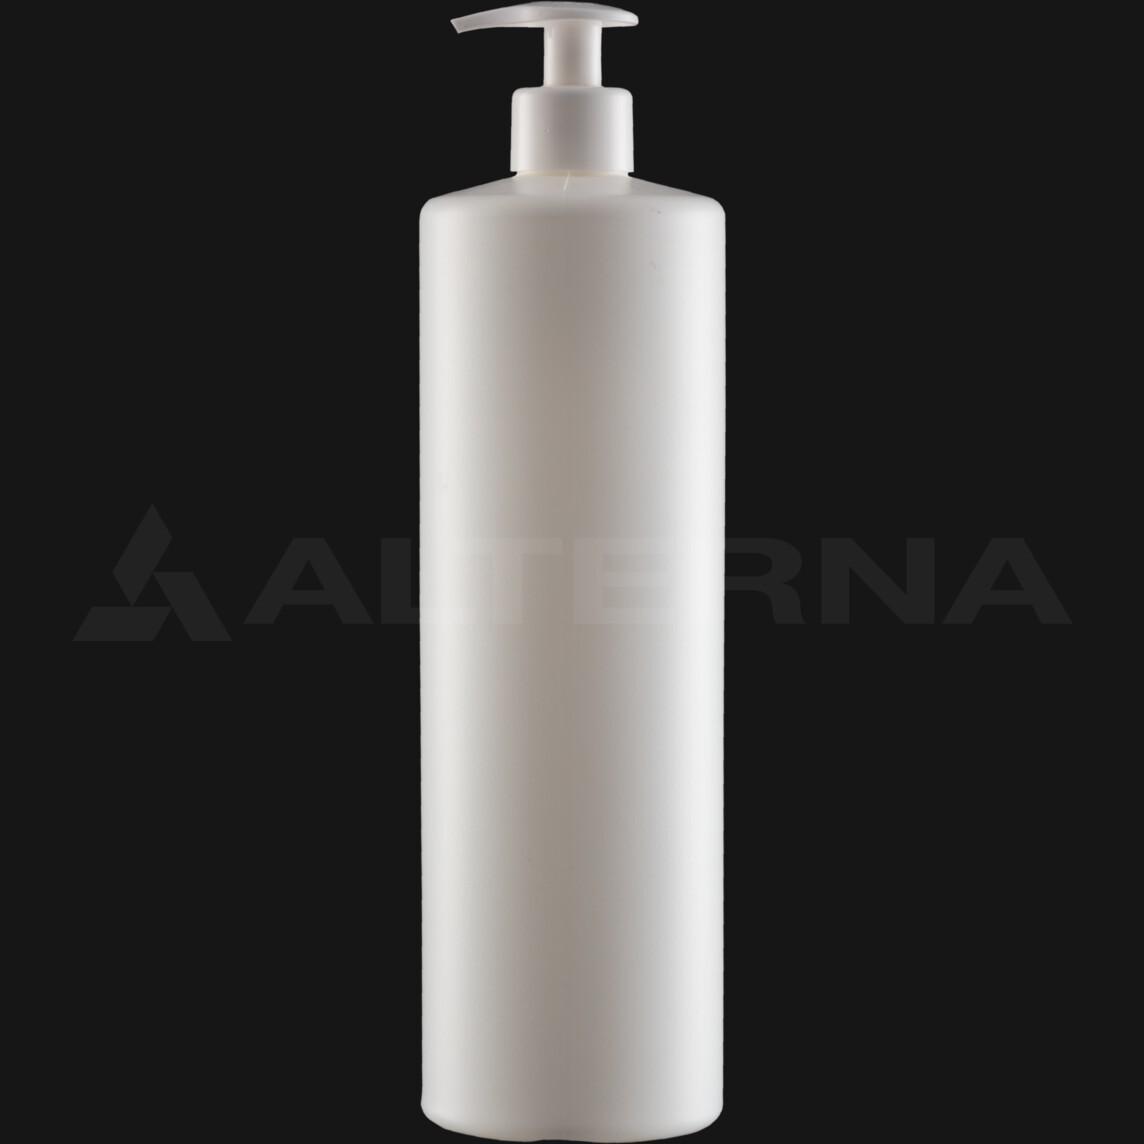 1000 ml HDPE Bottle with 28 mm Dispenser Pump